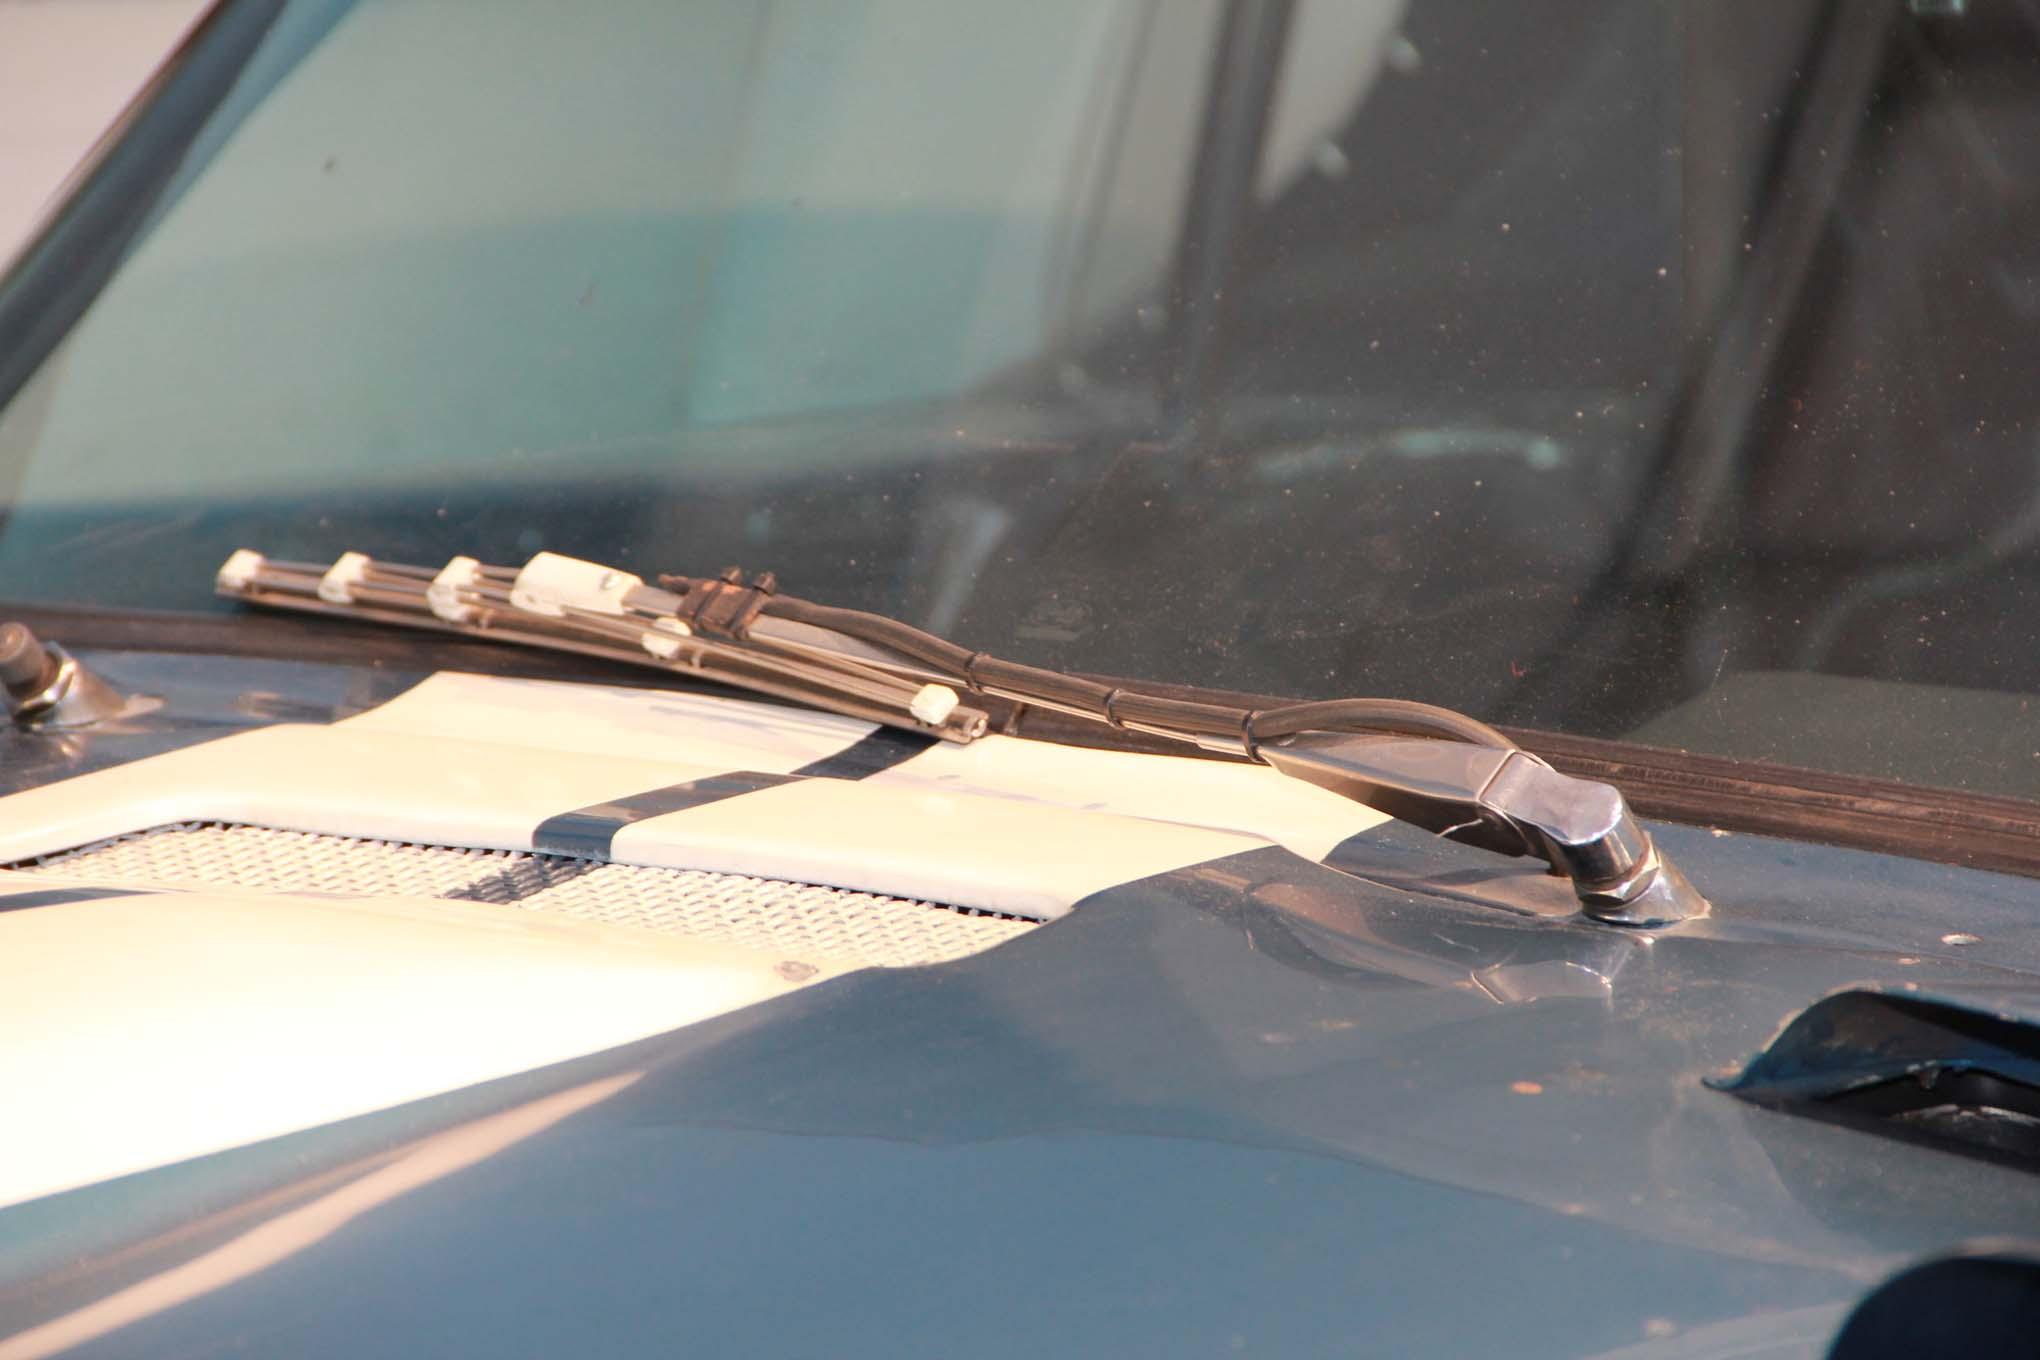 013 Shelby Daytona Coupe Lpr